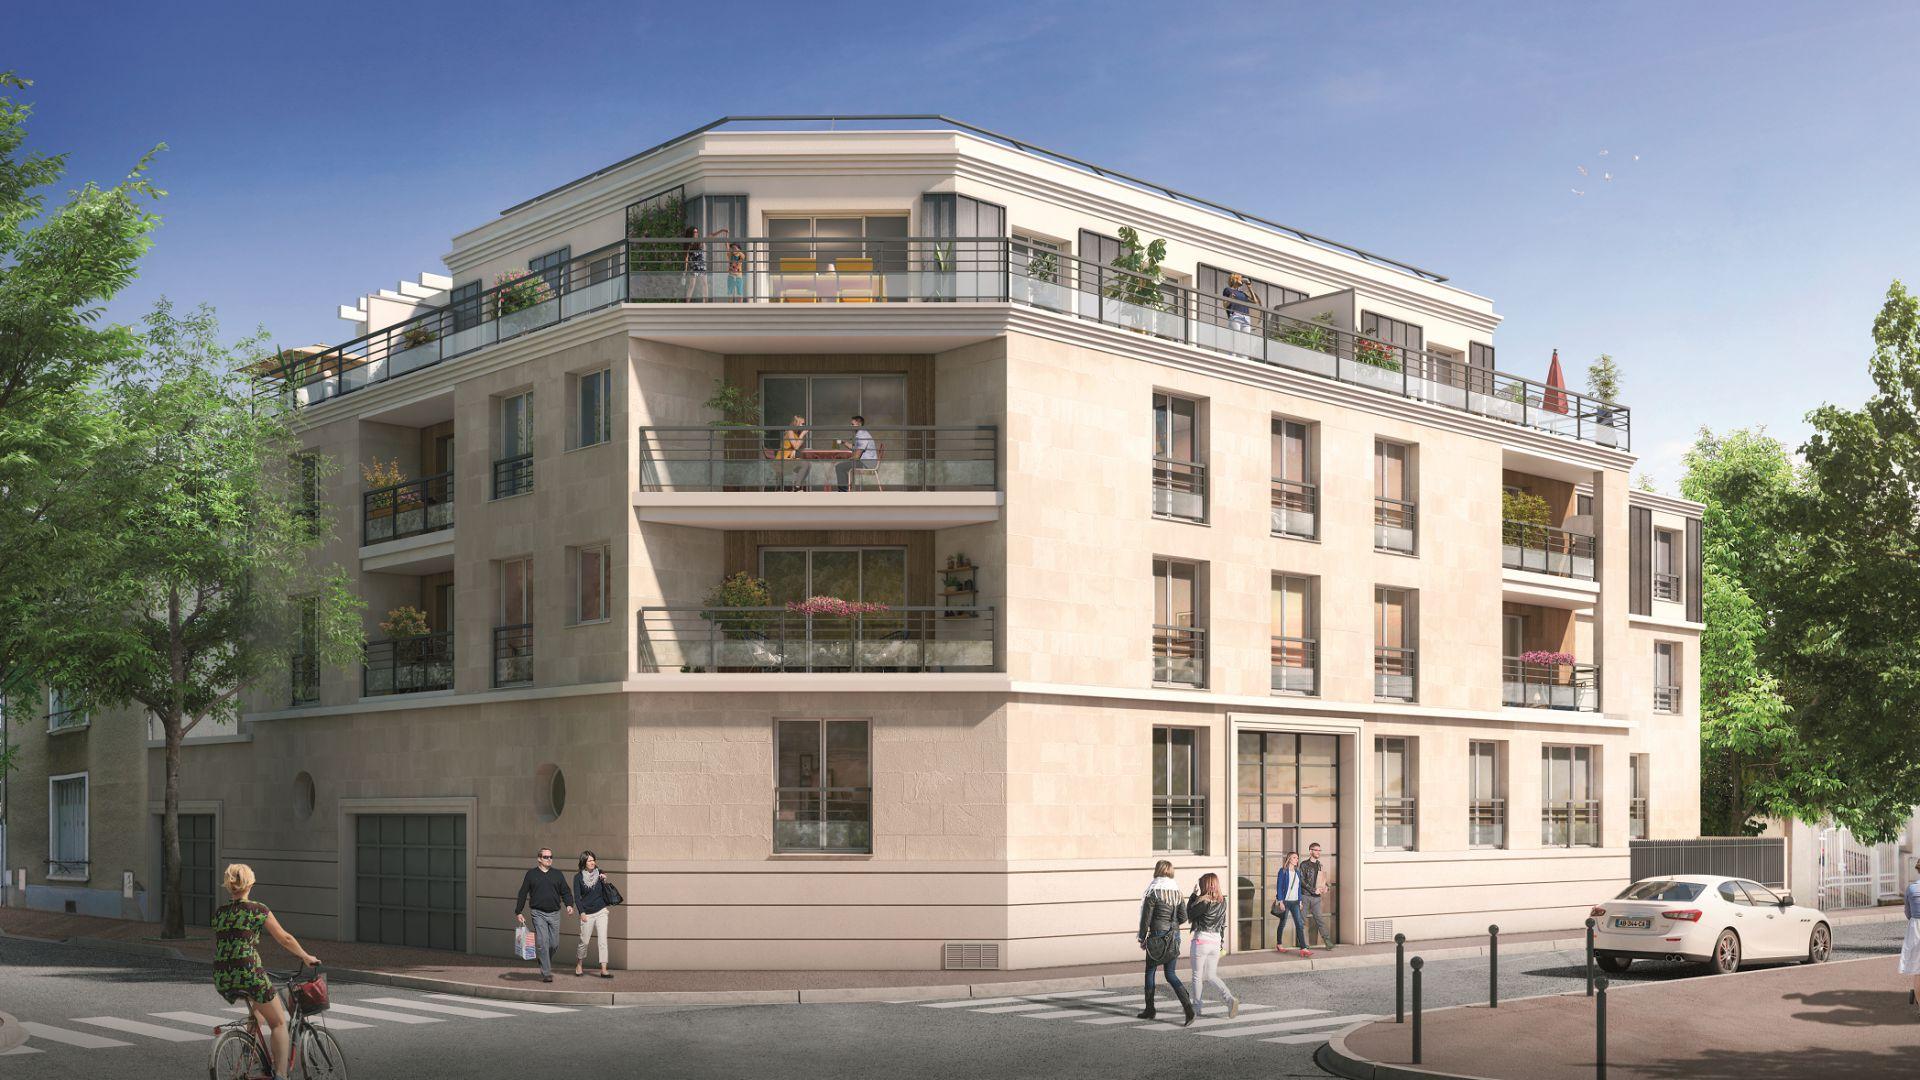 Greencity Immobilier - Résidence Le 26 Saint-Louis - 94100 Saint-Maur les Fossés - appartements neufs du T2 au T4